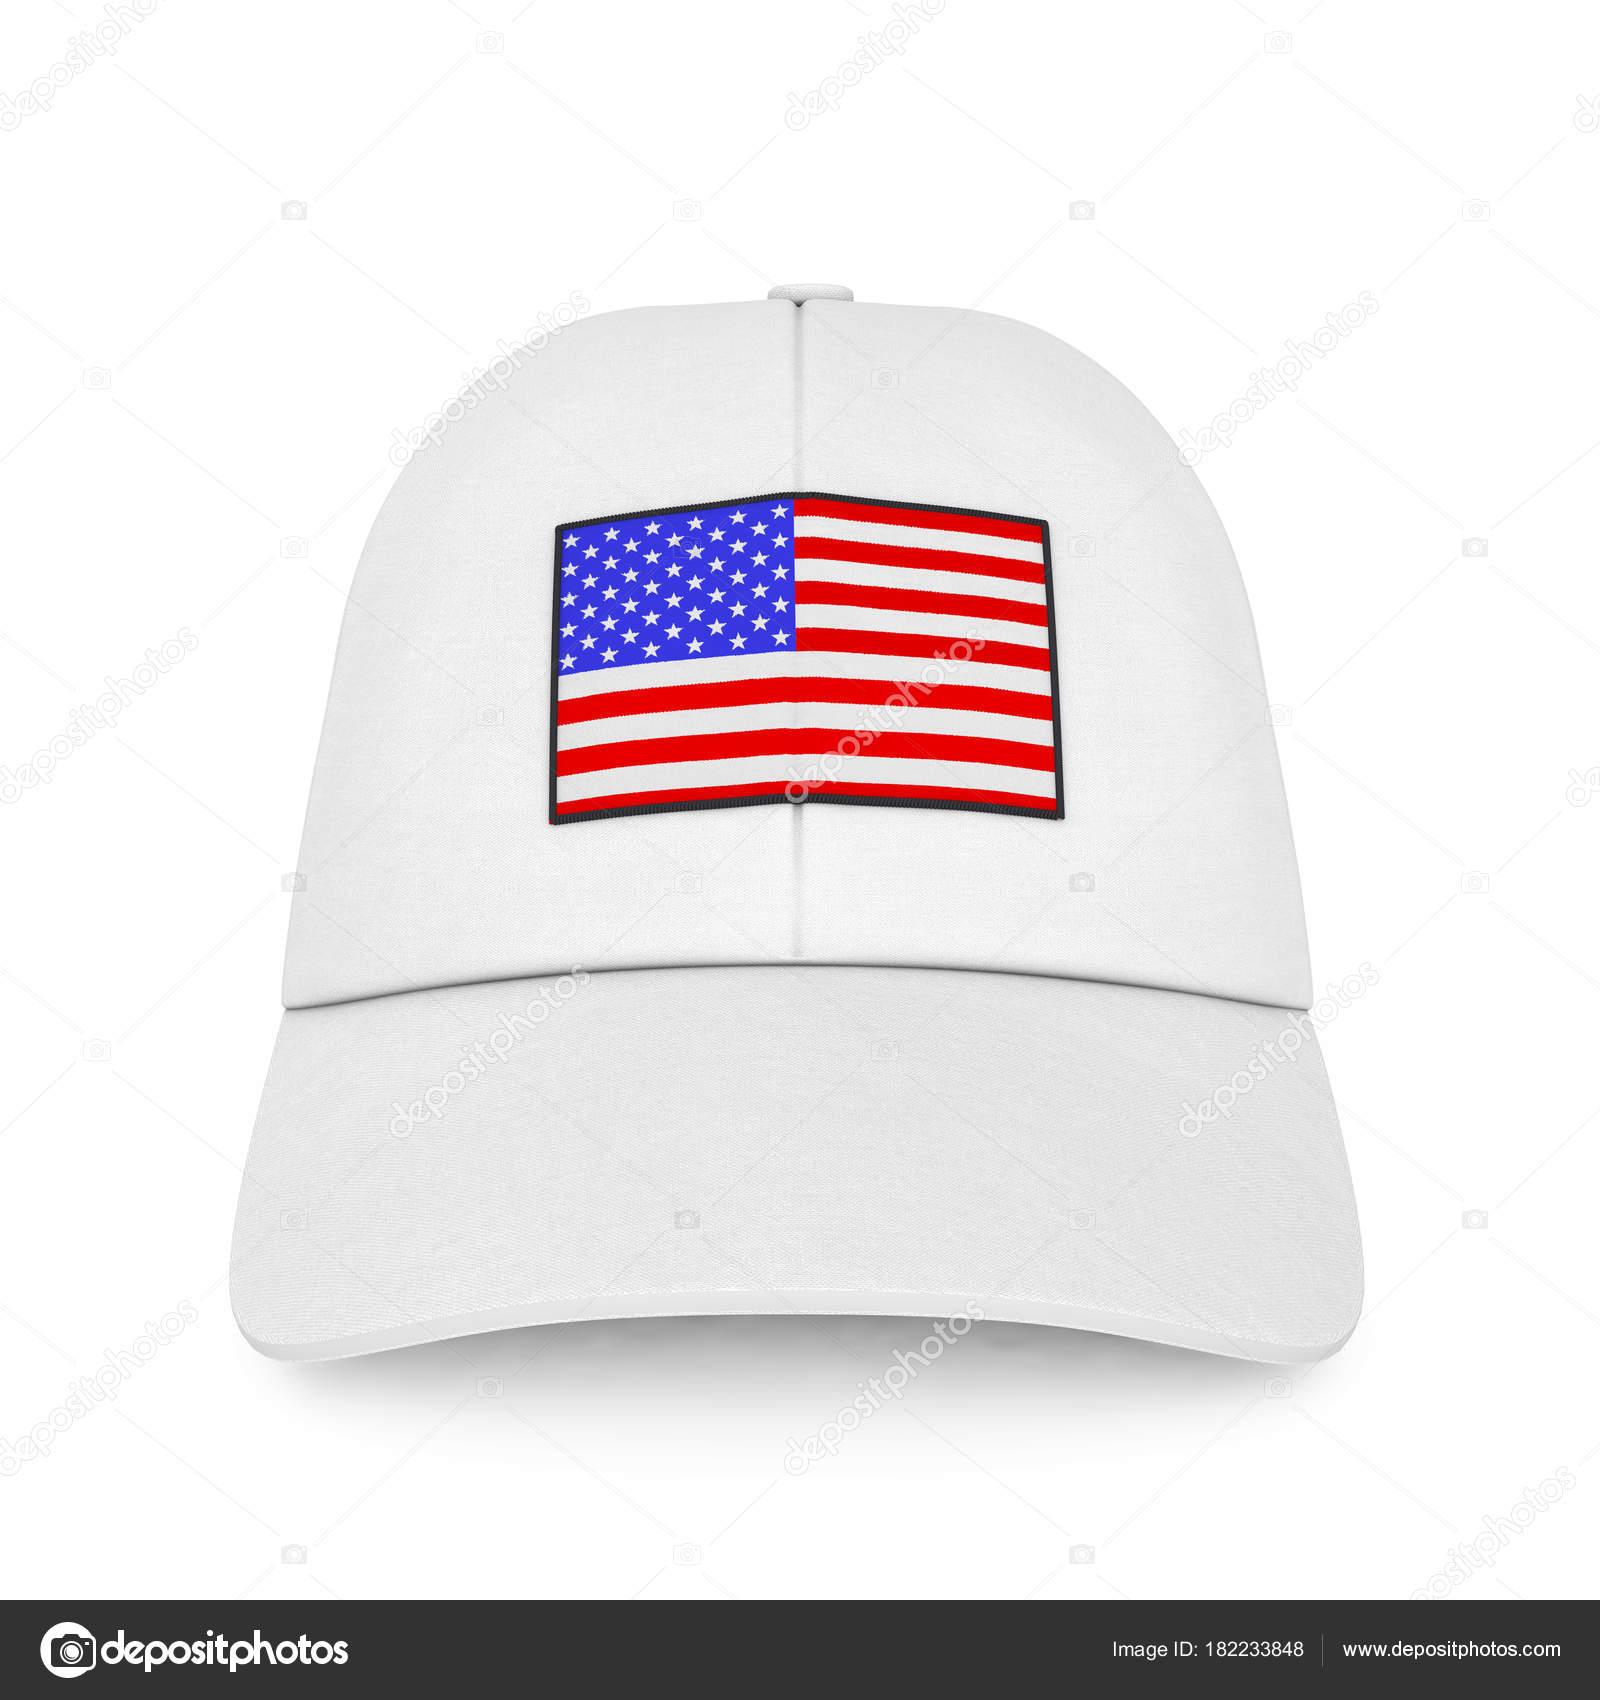 Gorra Blanca con bandera de Estados Unidos. Render 3D — Foto de Stock 47d8b961f3b